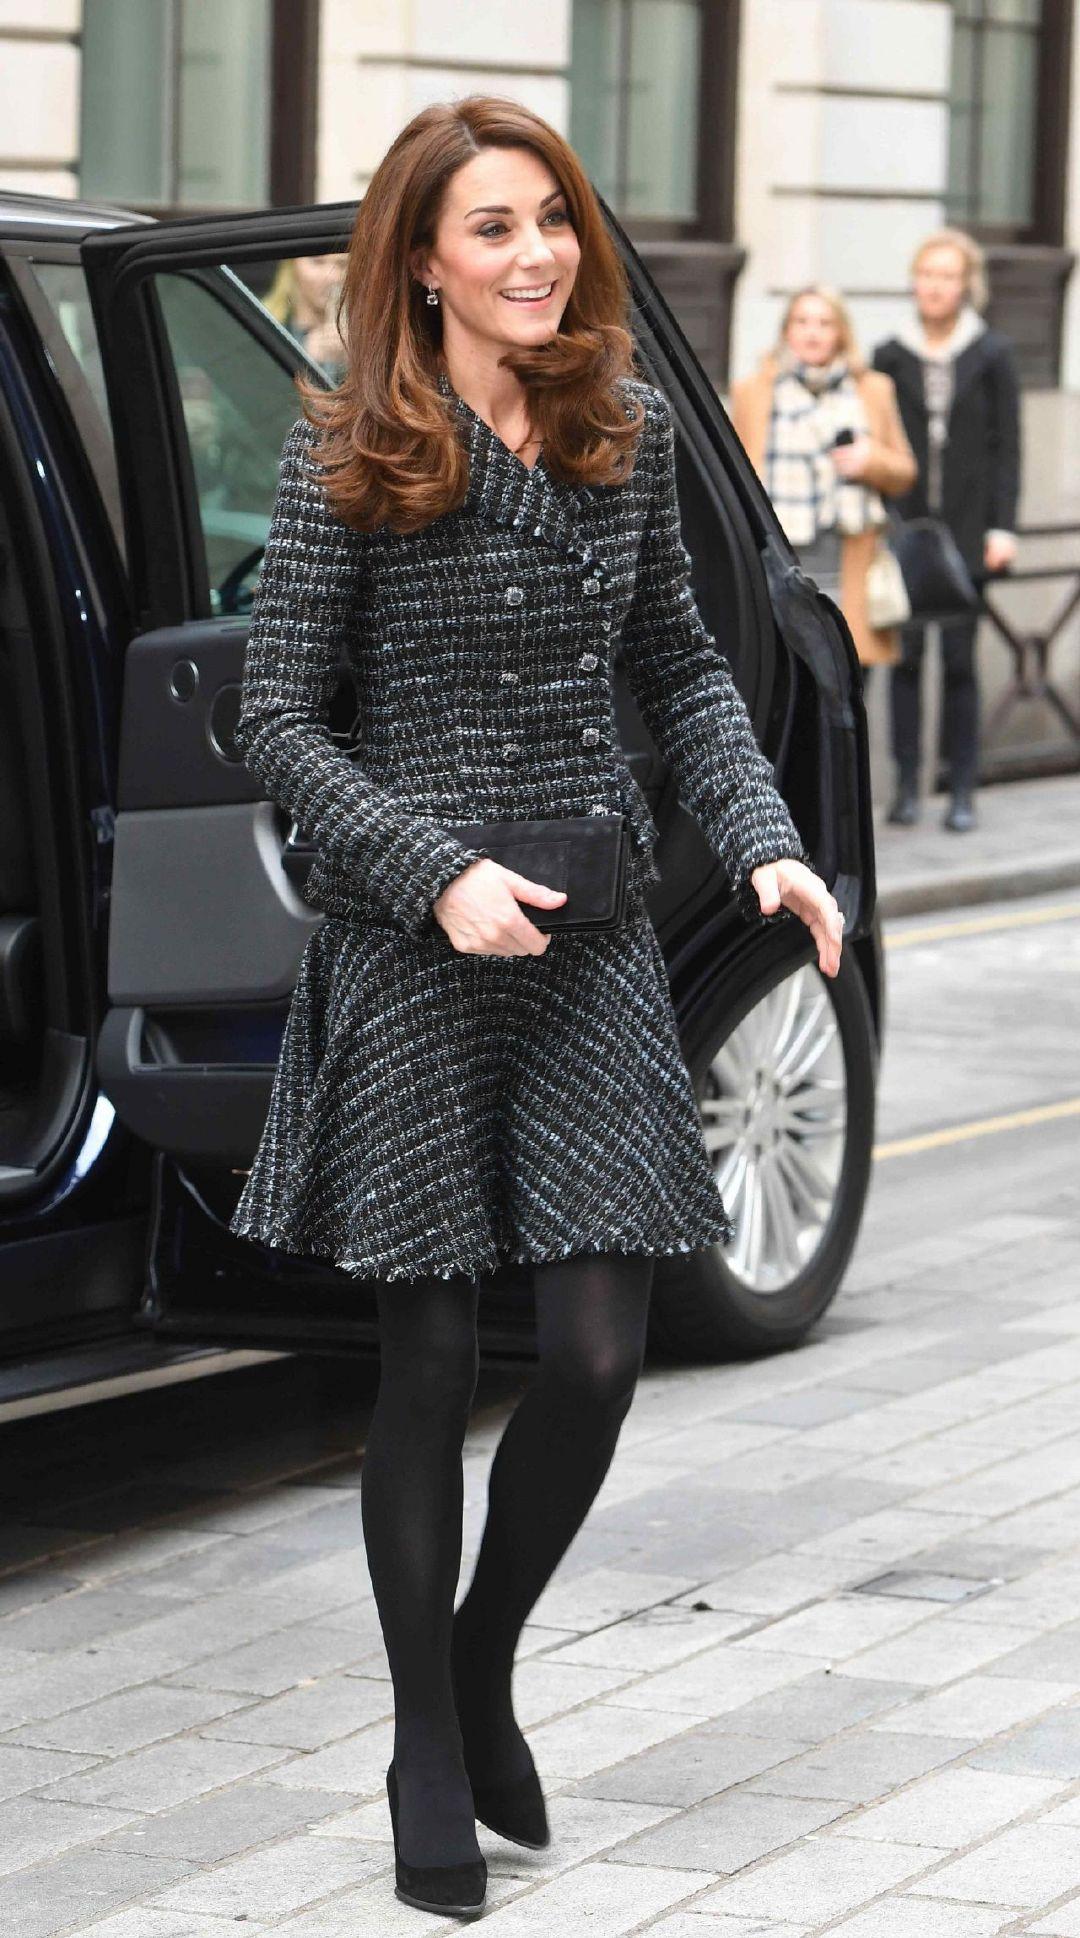 2019年2月13日凯特·米德尔顿(Kate Middleton)前往参加在伦敦默瑟大